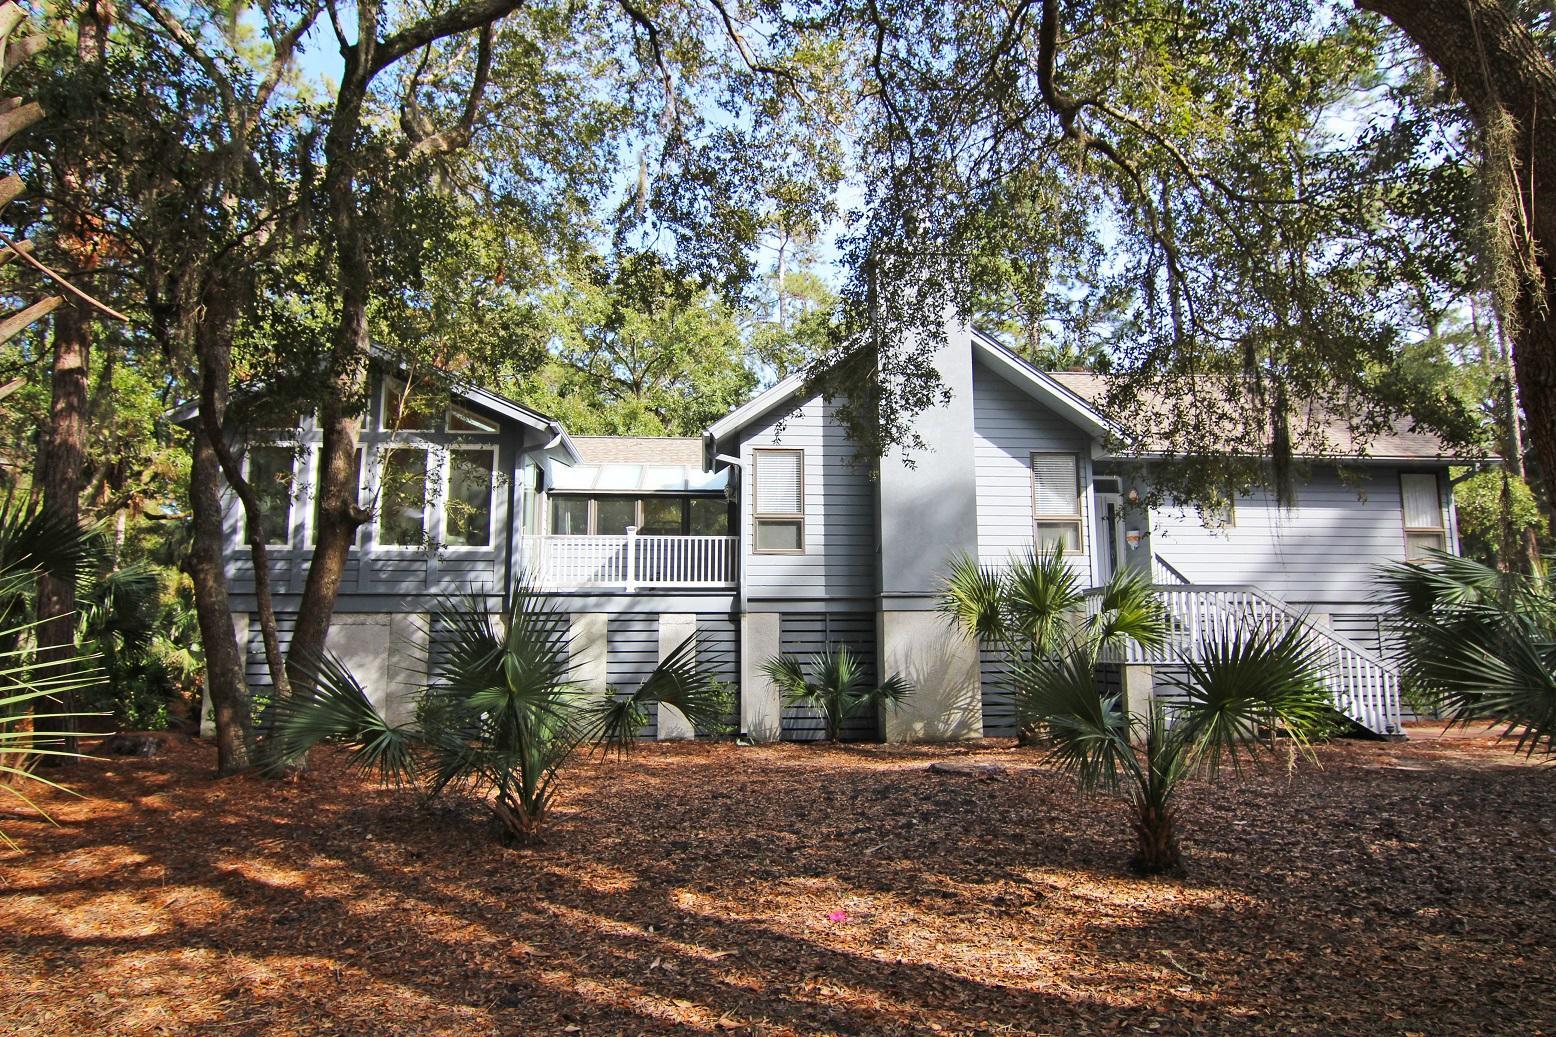 66 Fletcher Hall Kiawah Island, SC 29455